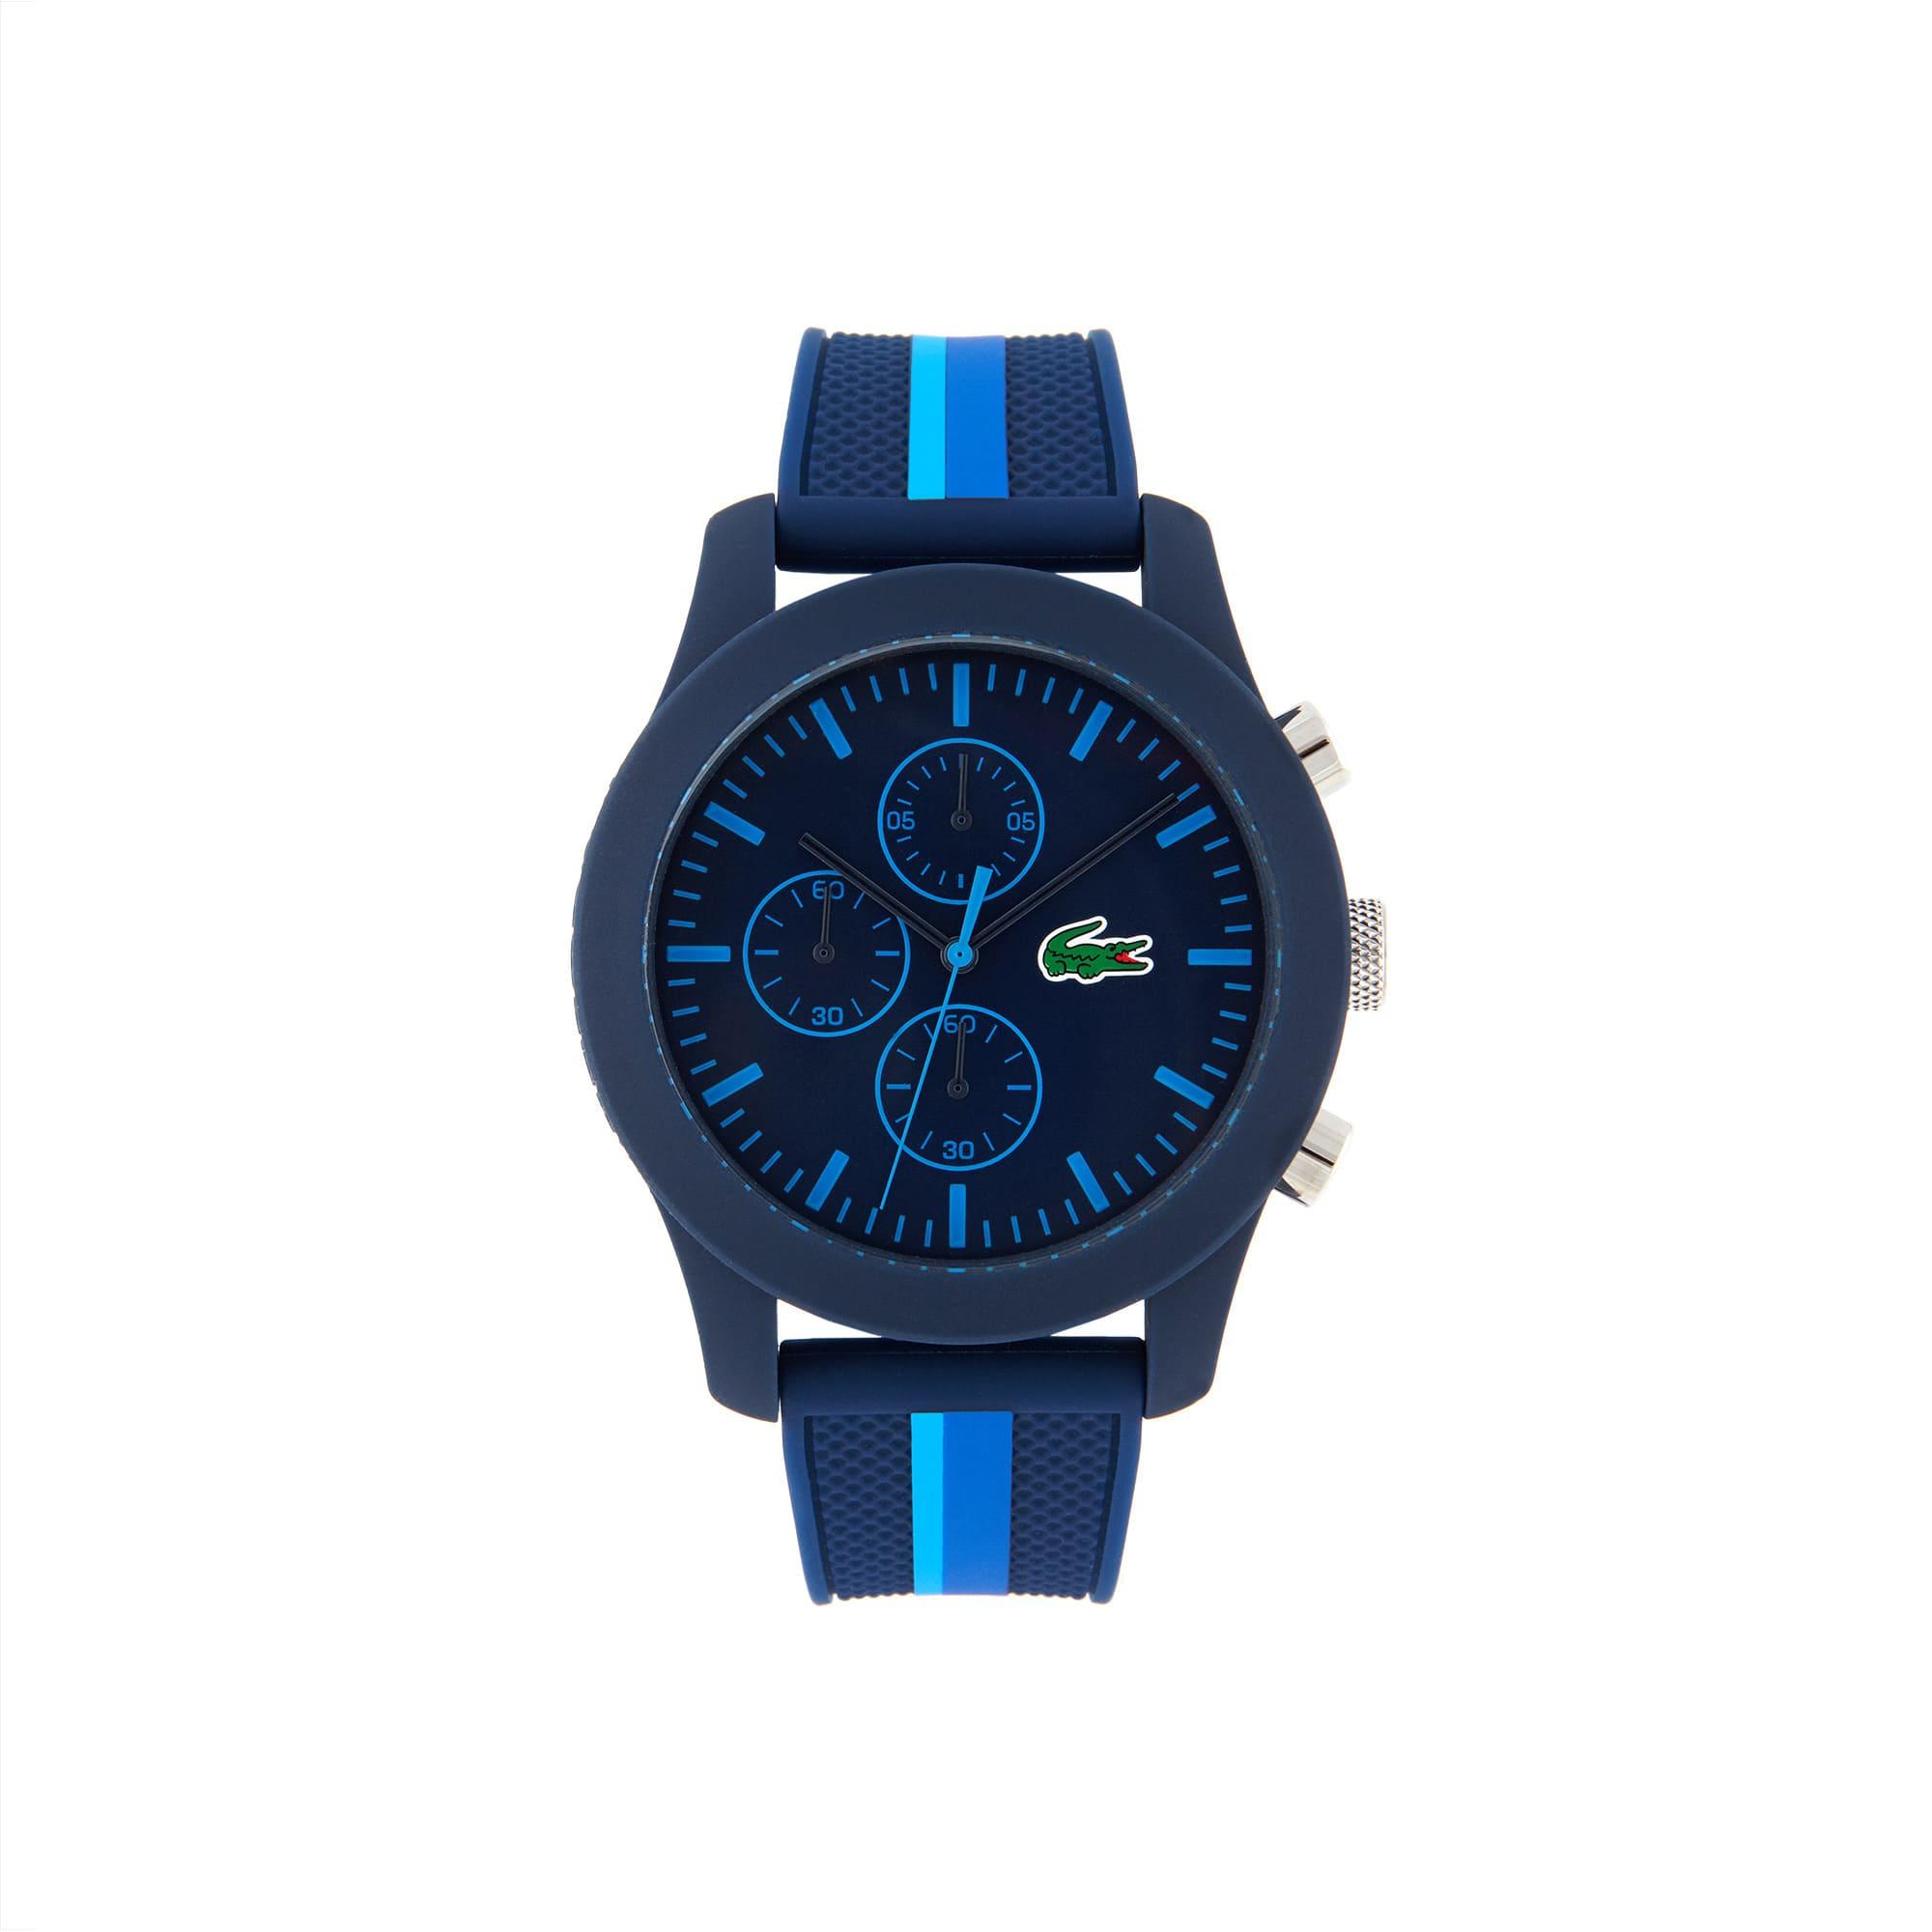 Relógio Lacoste 12.12 Holiday Homem com Bracelete em Silicone Azul